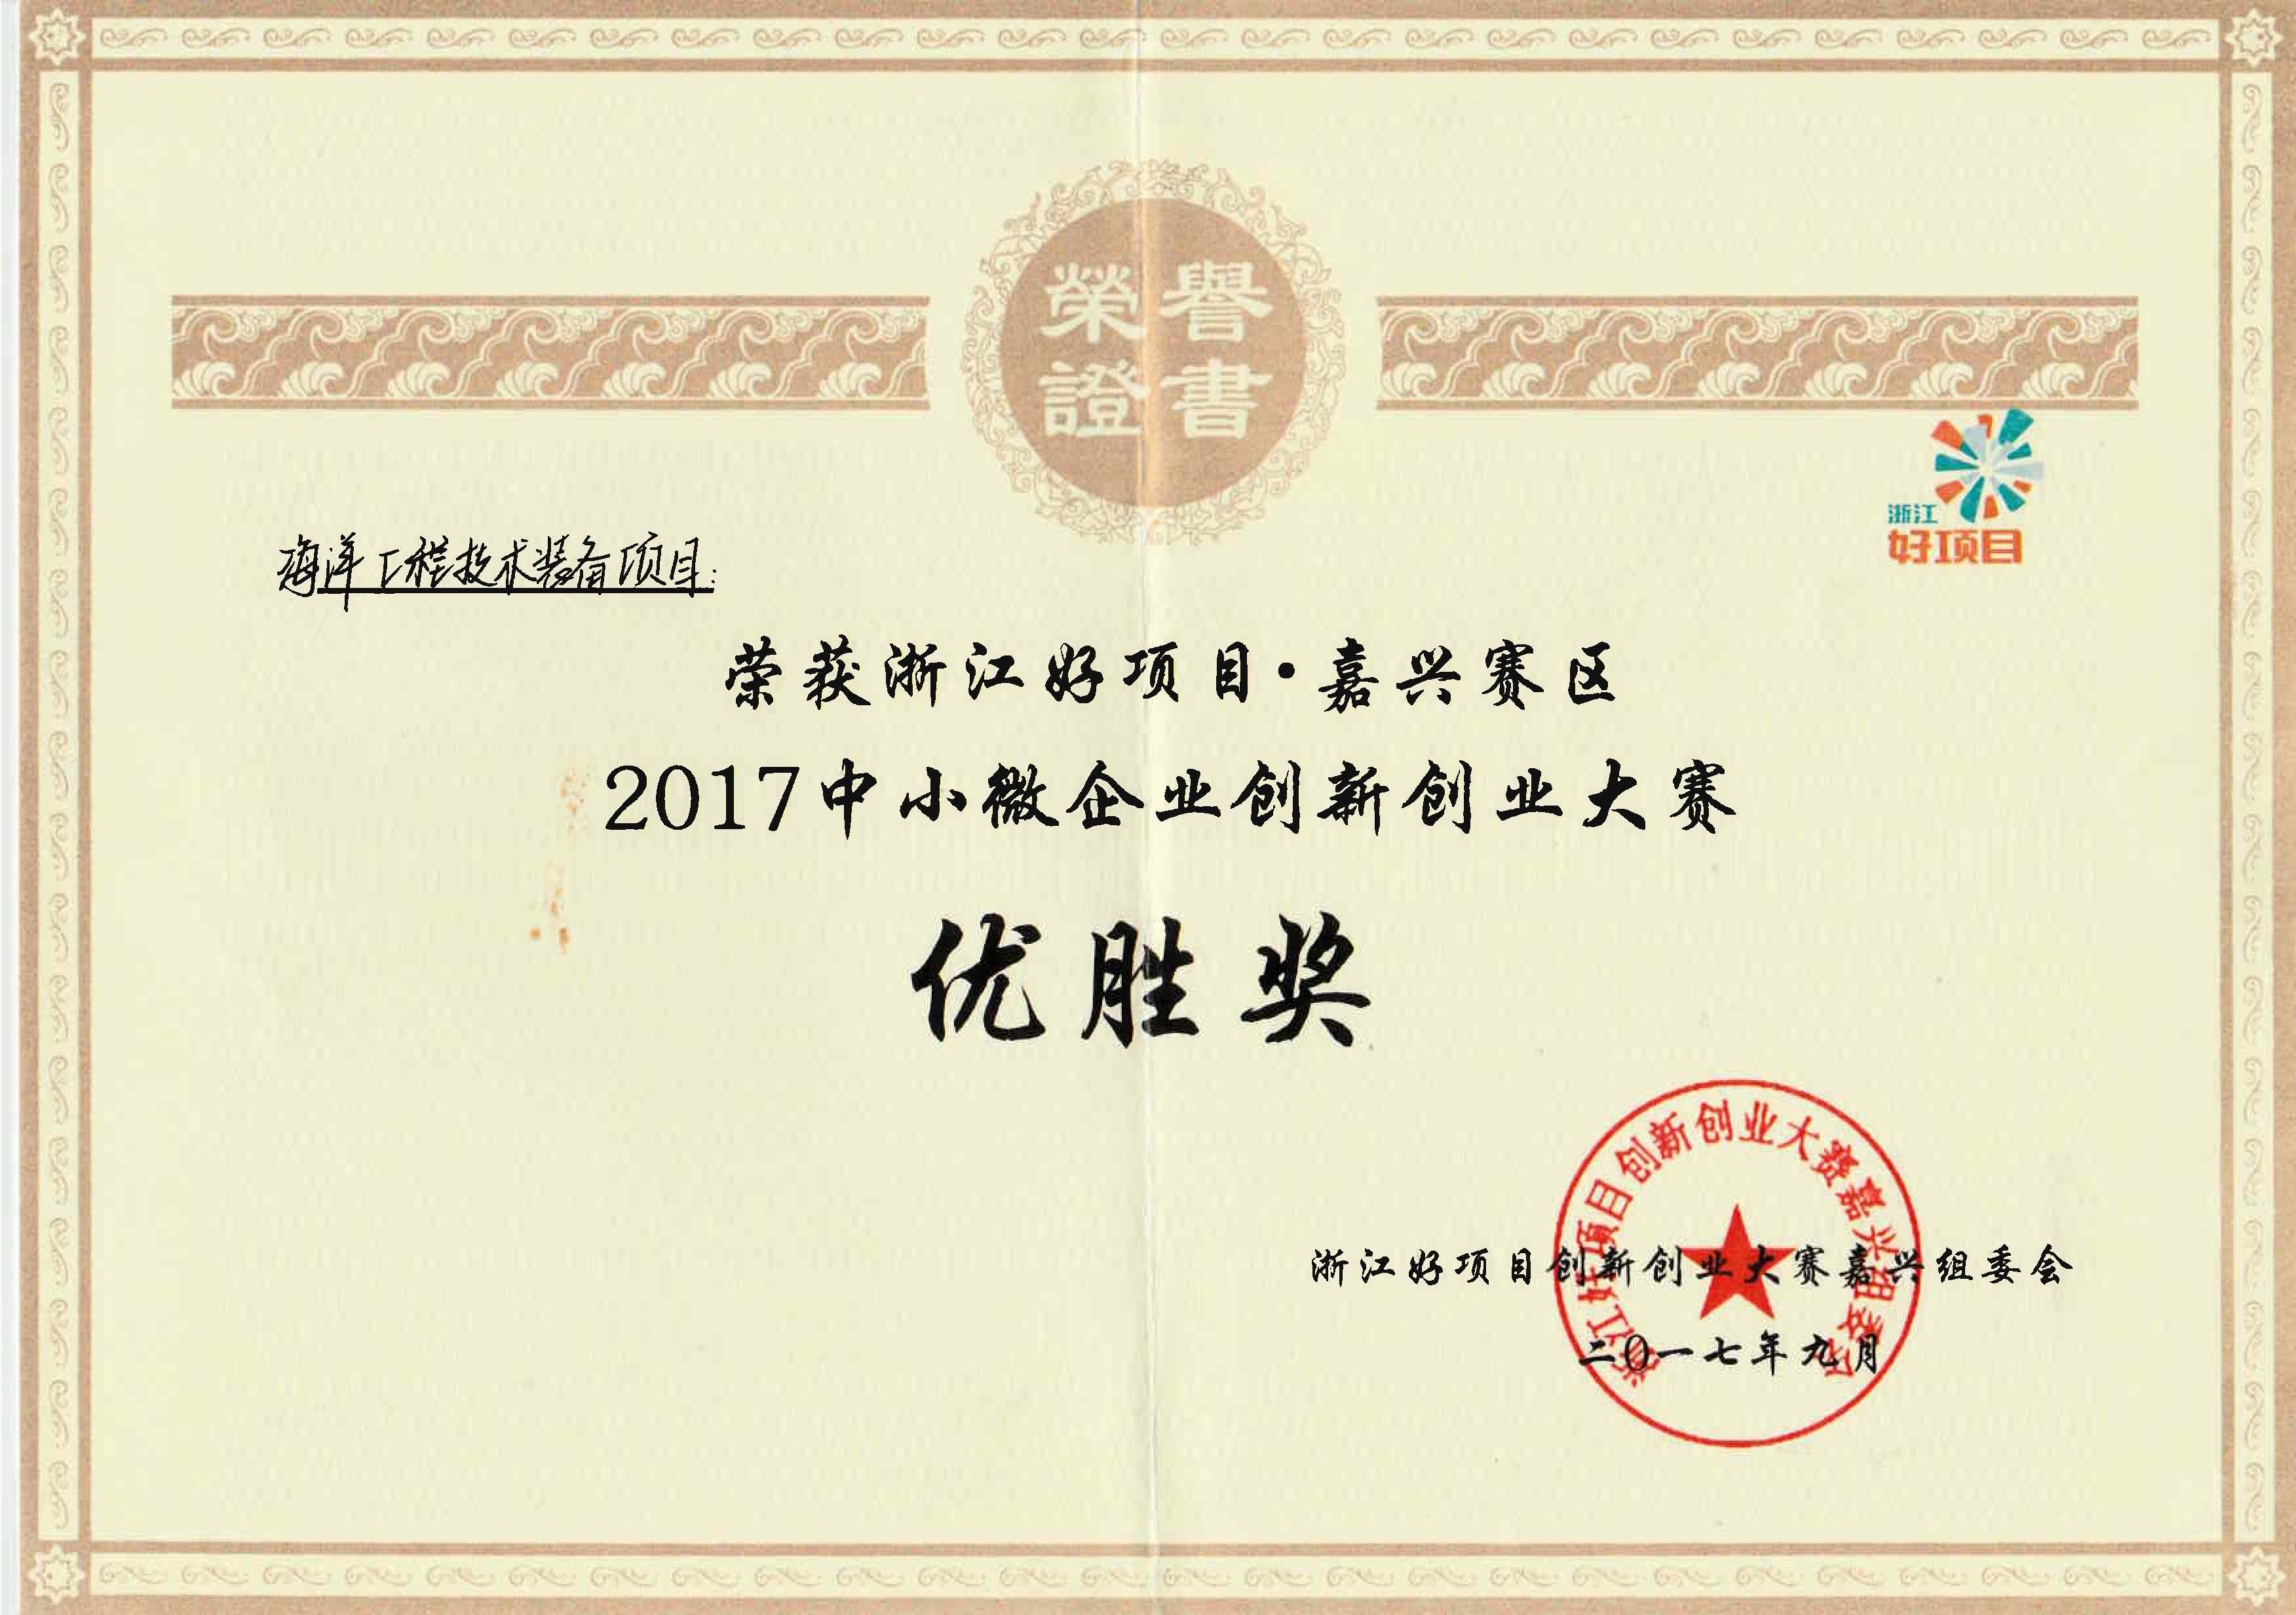 創業大賽-優勝獎-2017年度